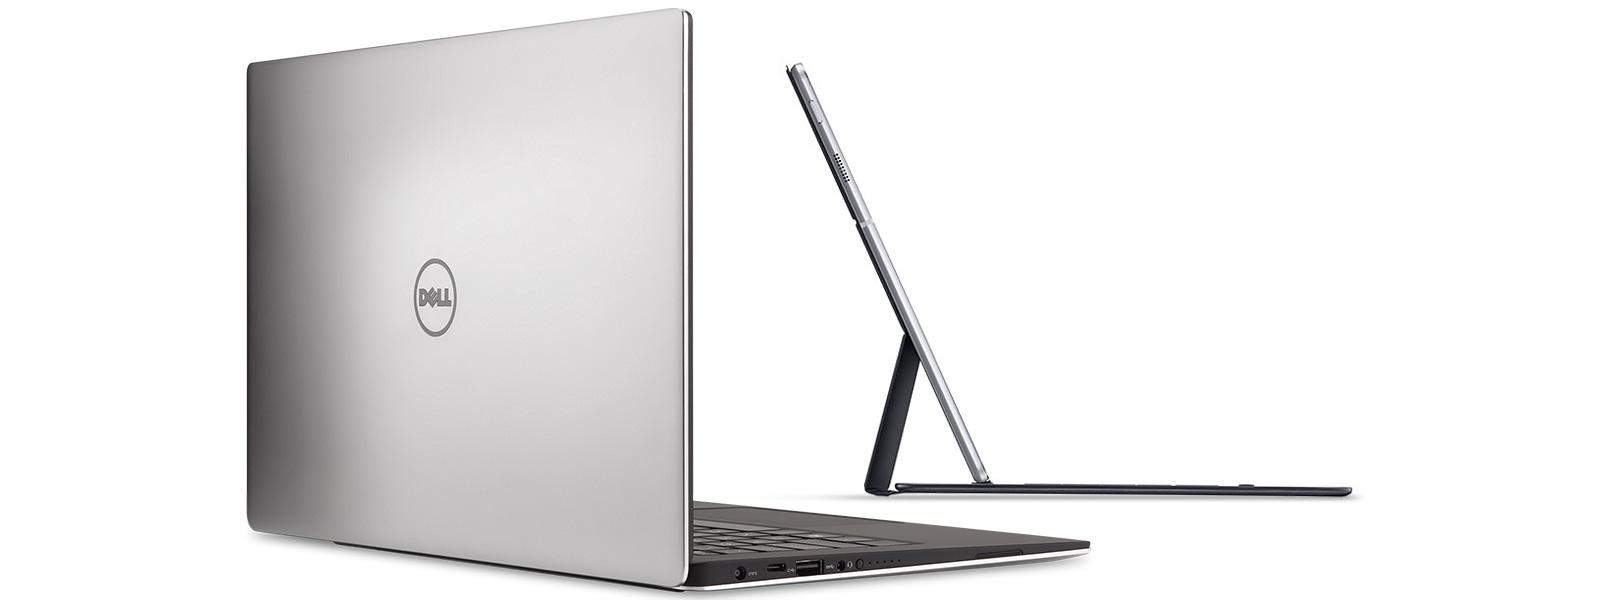 Prenosni računalnik Dell s sistemom Windows 10